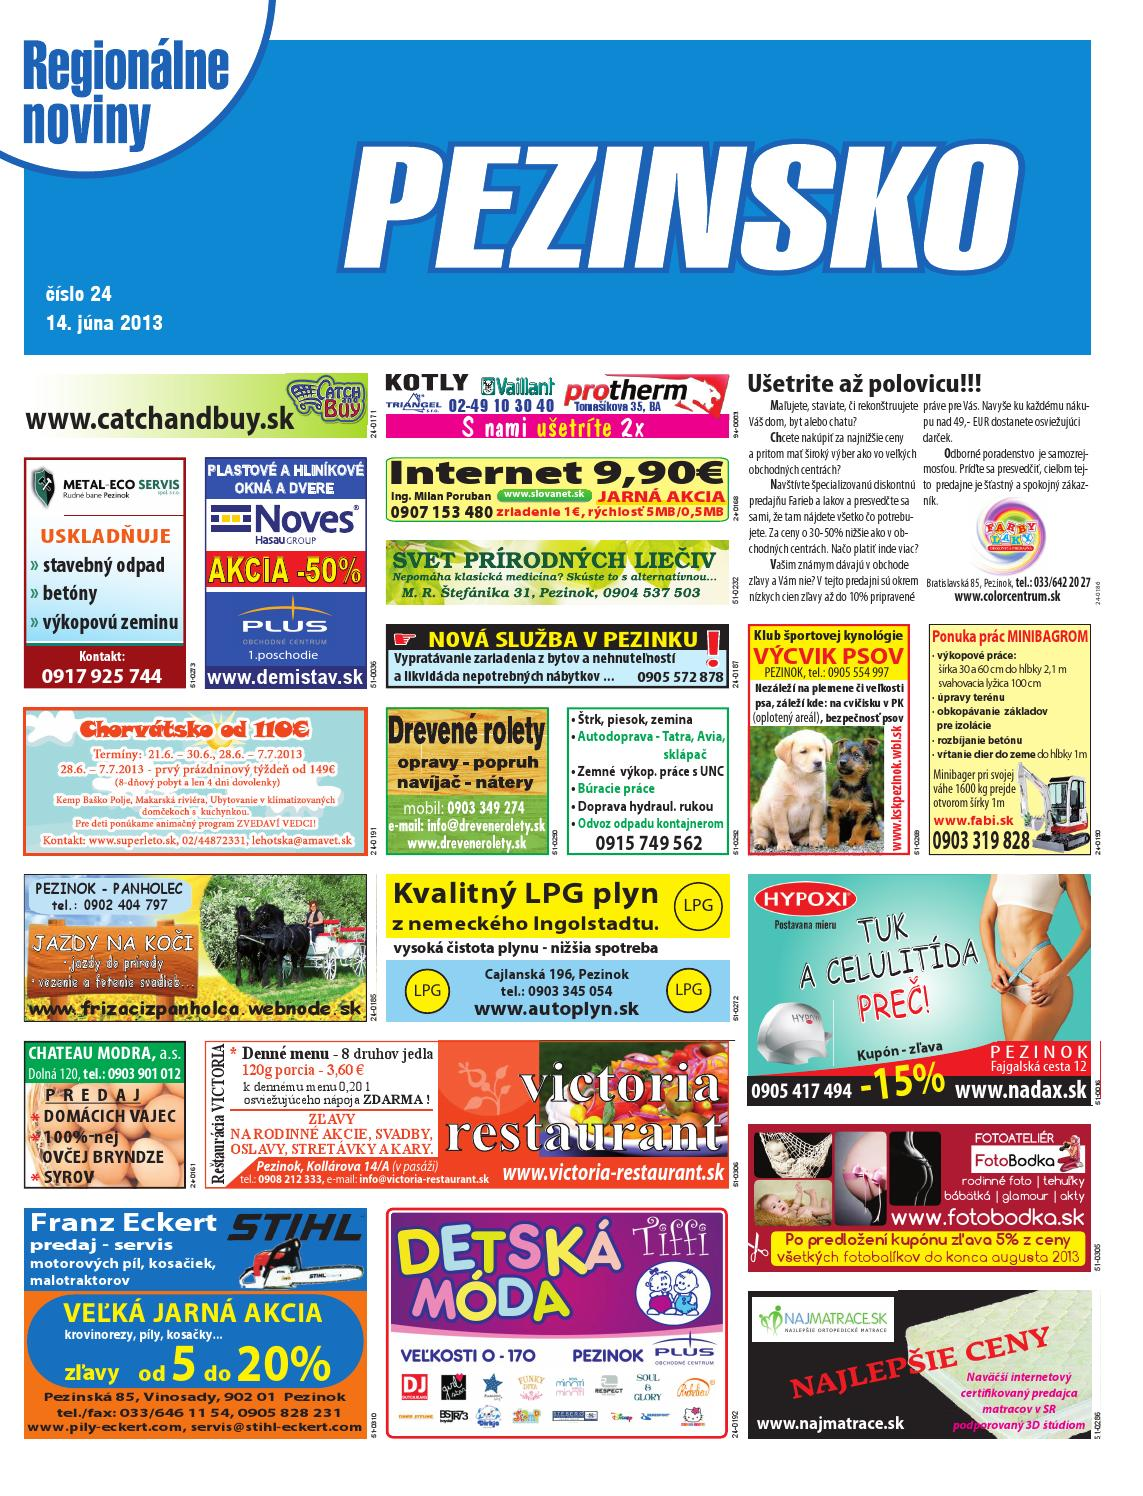 c13ac3edd Pezinsko 13-24 by pezinsko - issuu